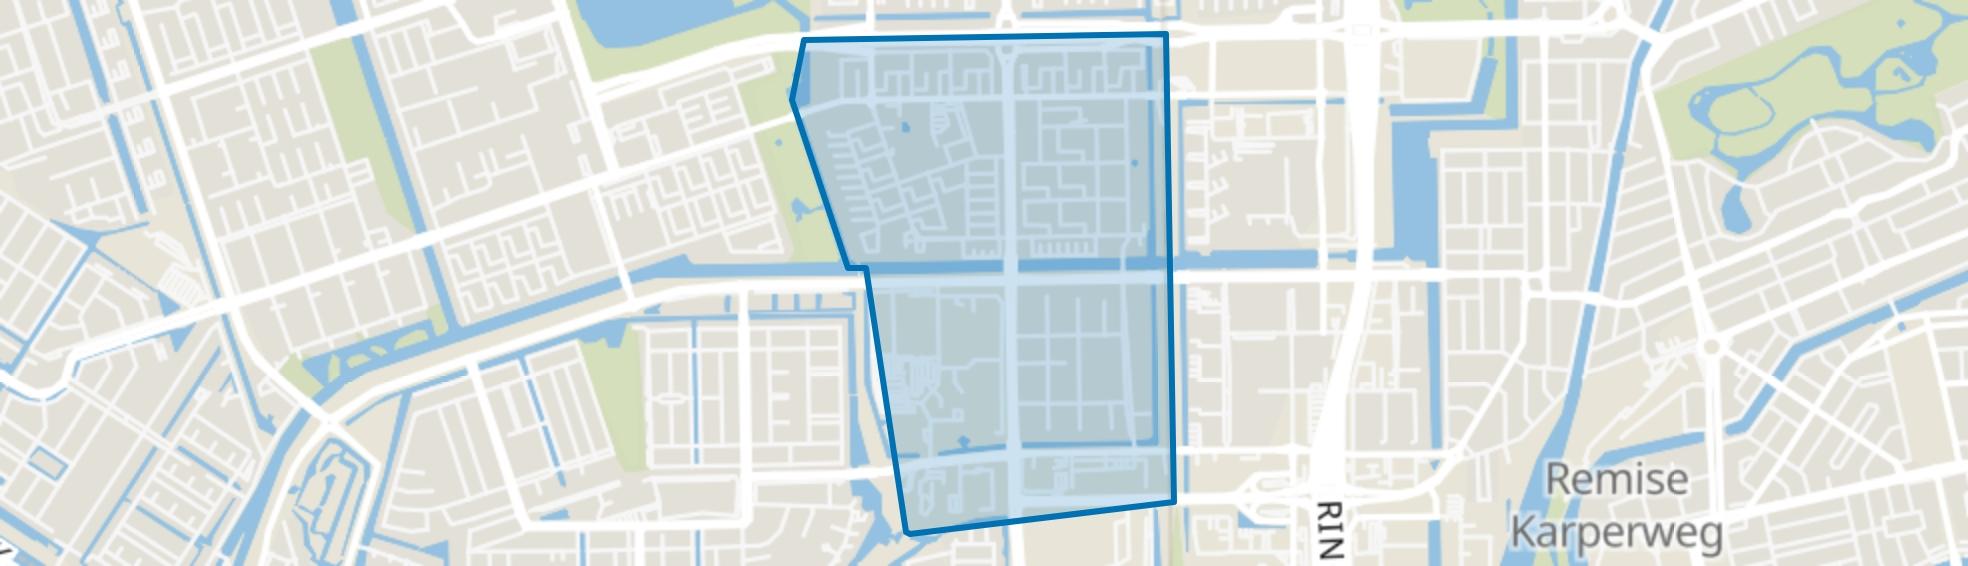 Slotervaart Zuid, Amsterdam map